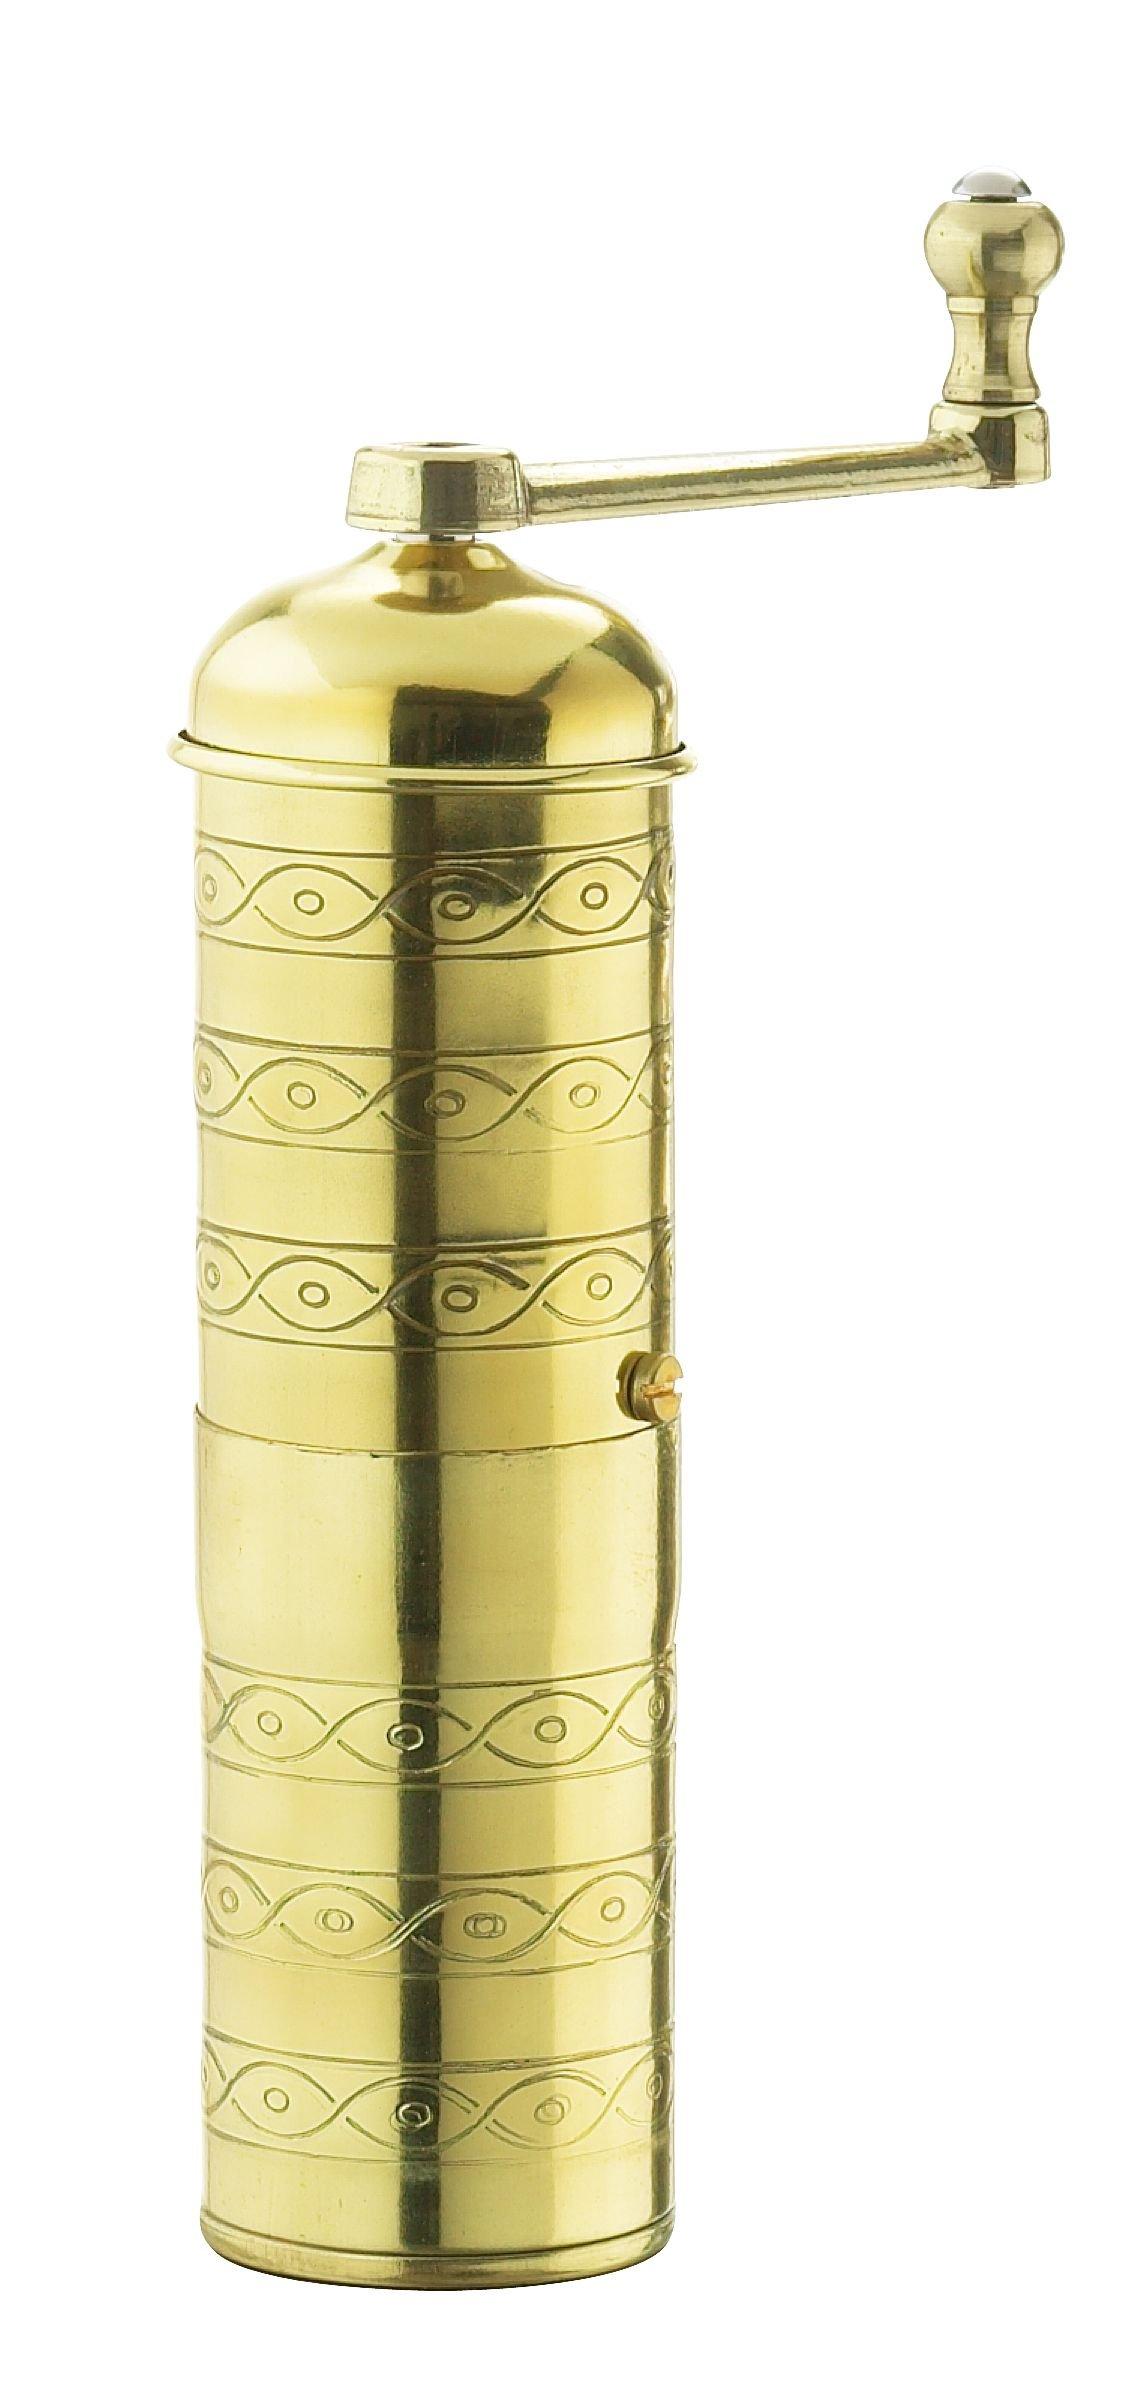 Zassenhaus Espresso and Mocca Grinder Havanna, Brass, 041002 by Zassenhaus